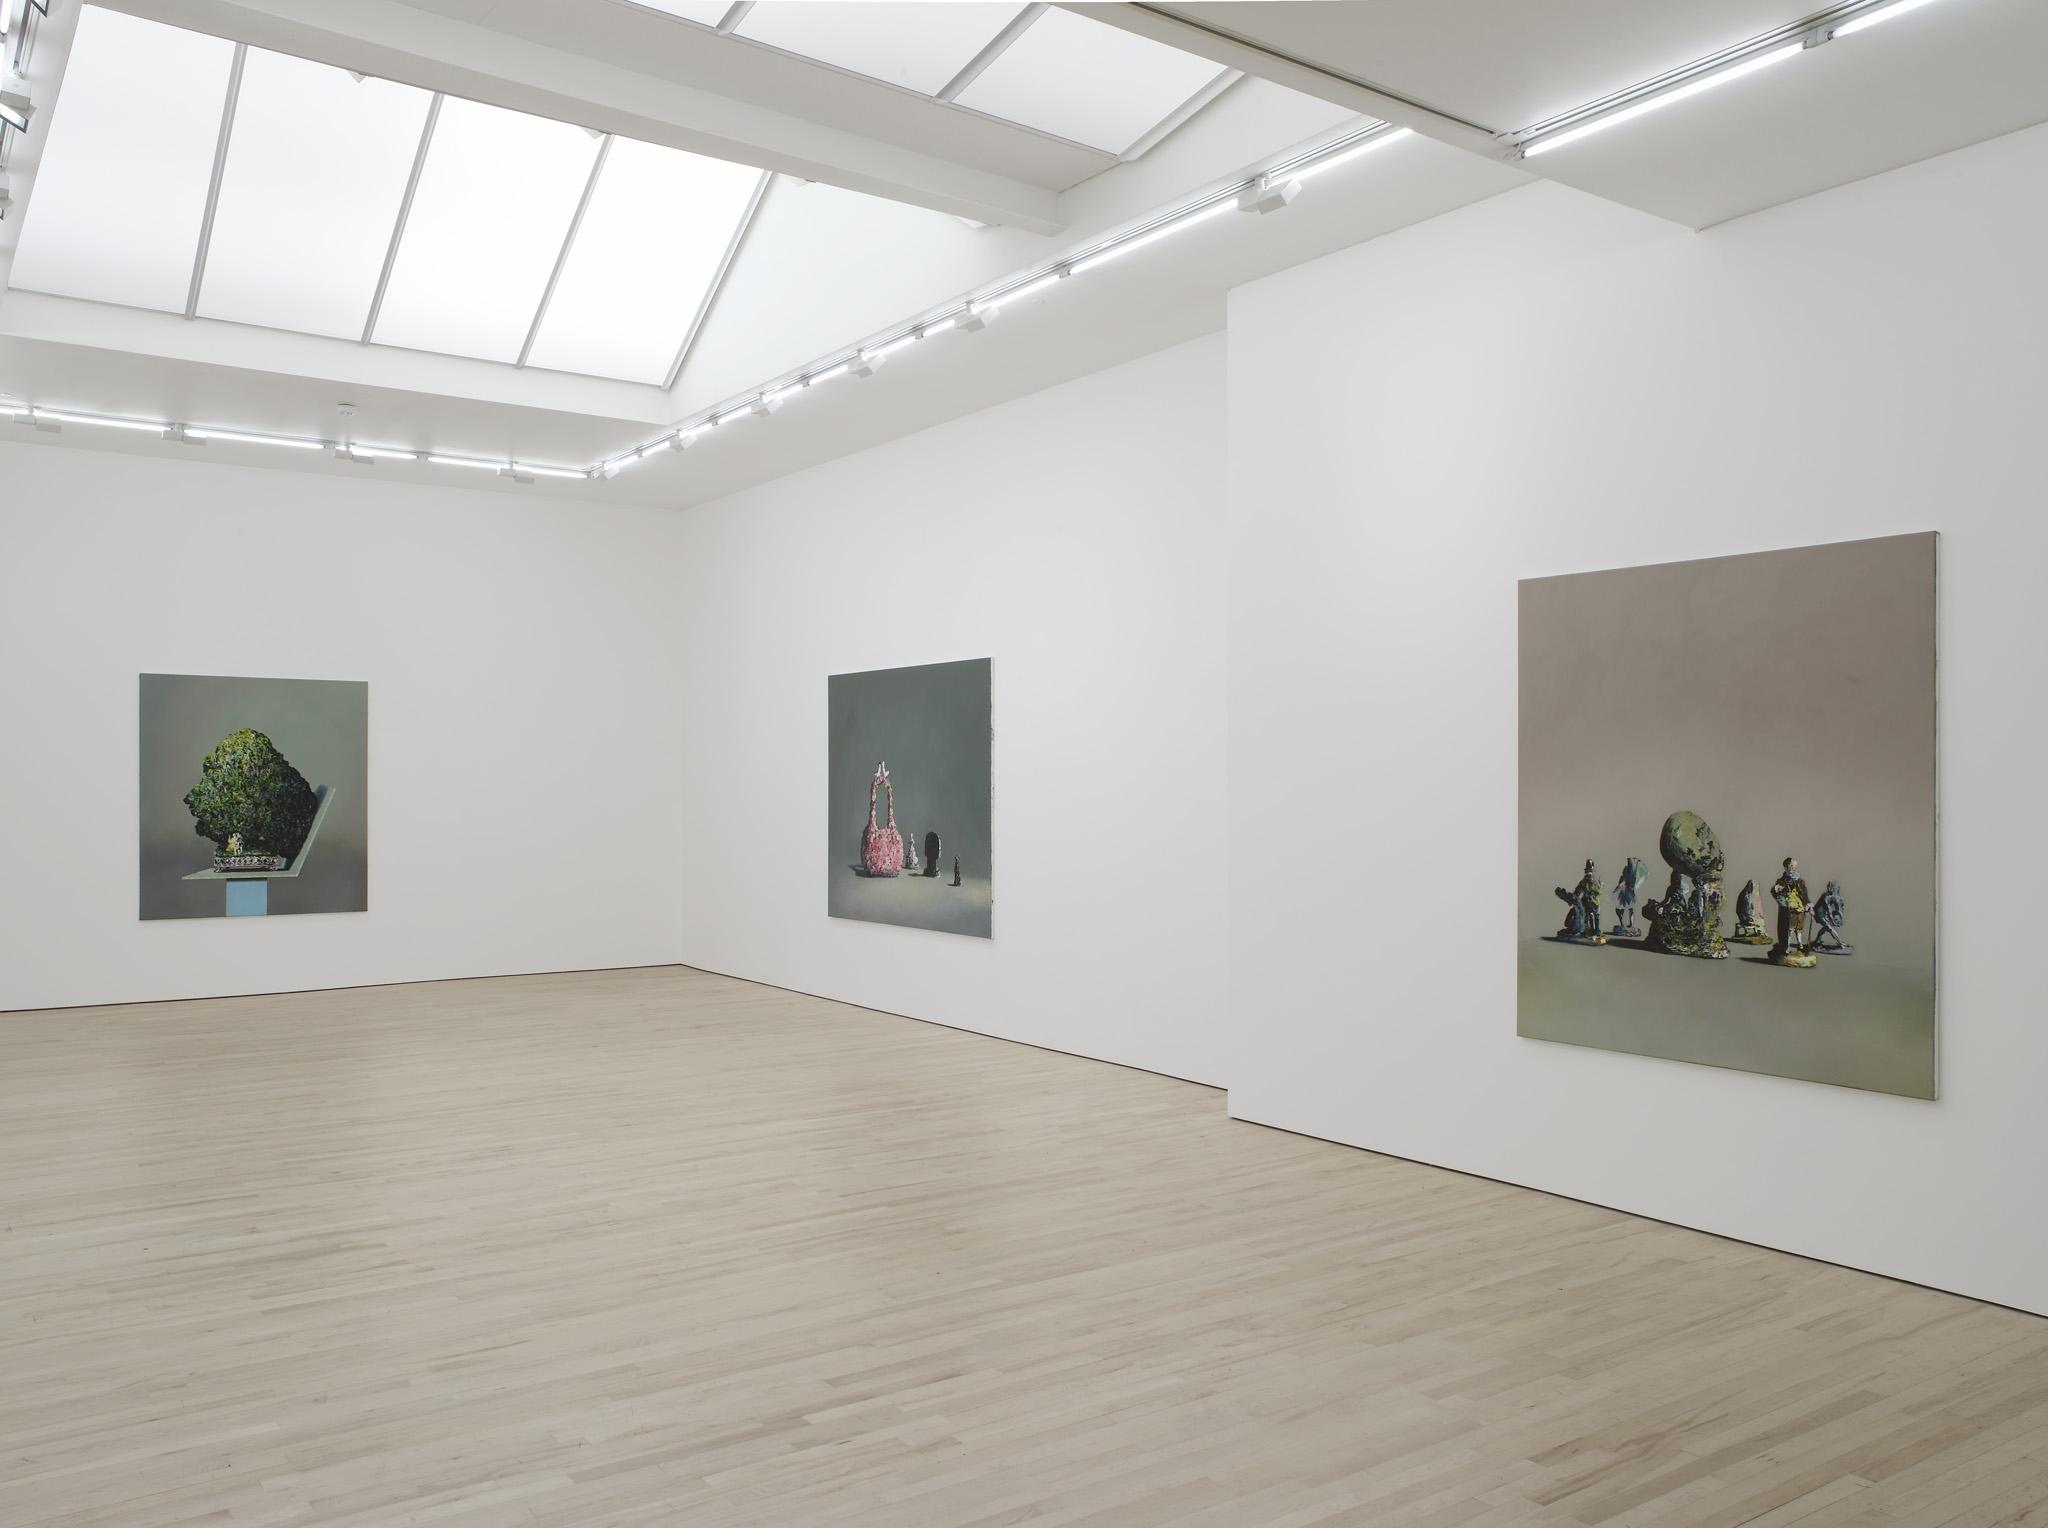 5 - Ivan Seal at Carl Freedman London